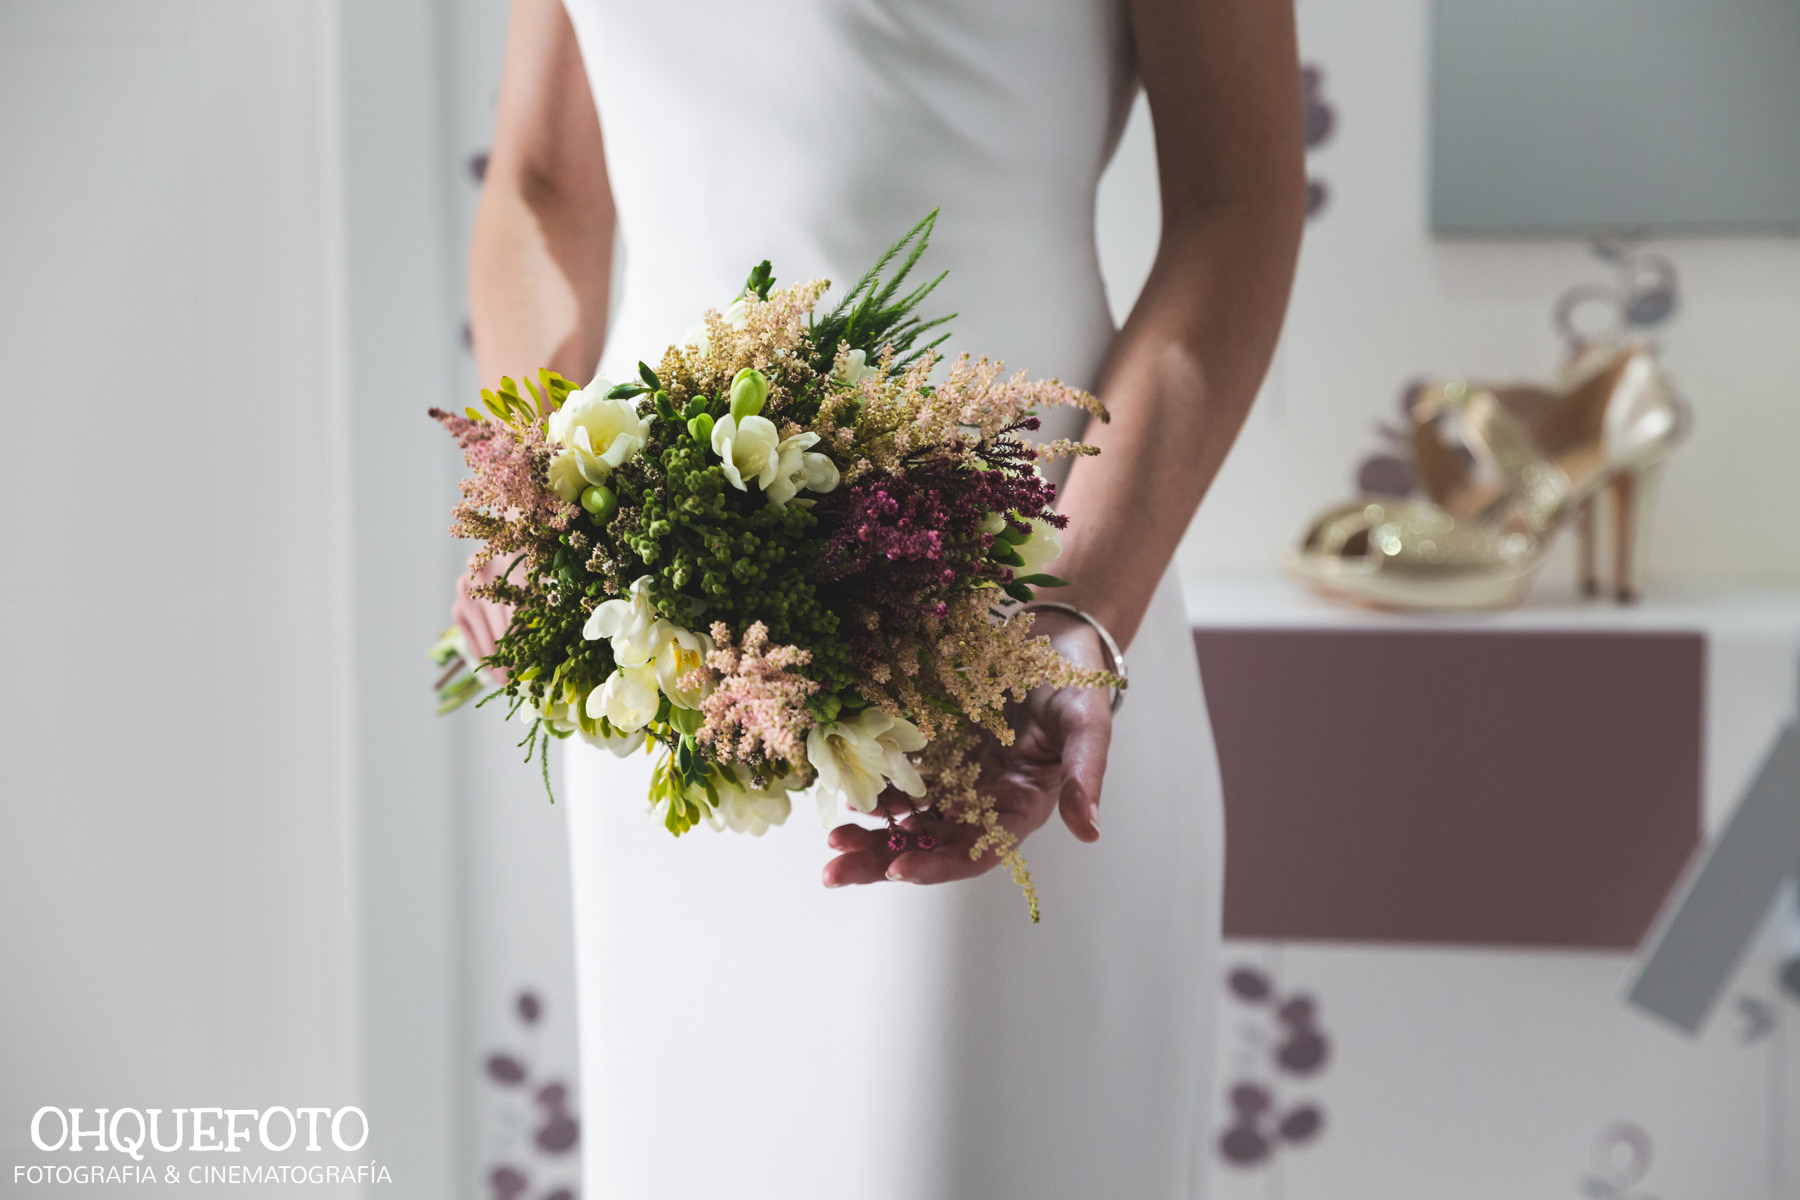 boda en la peraleda boda en cabeza del buey boda en capilla reportaje de bodas en almaden video de bodas en cordoba435 - Jose y Gema - Boda en Zarza Capilla y la Finca La Peraleda (Chillón)